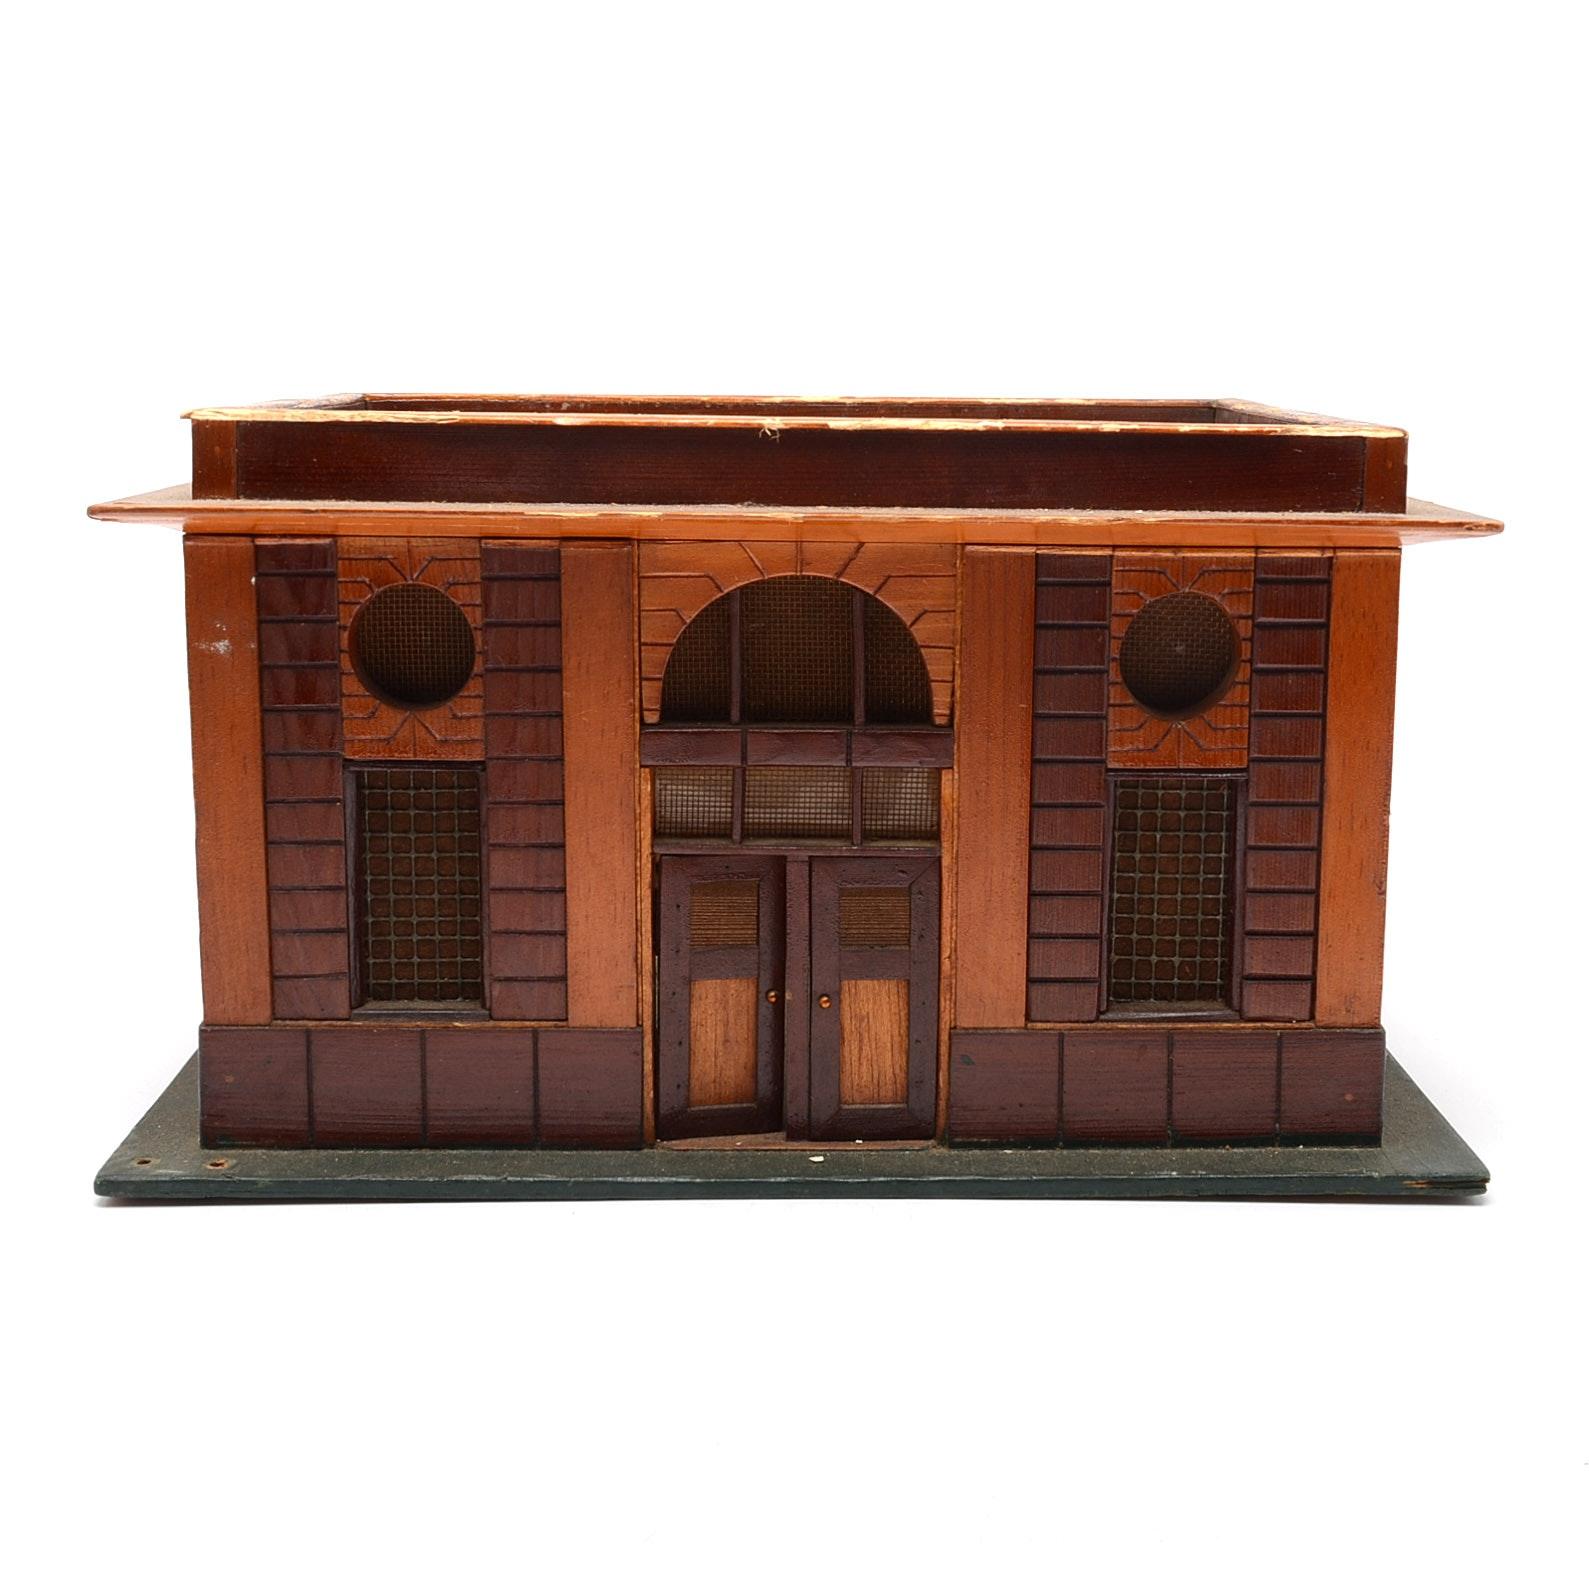 Vintage Miniature Building